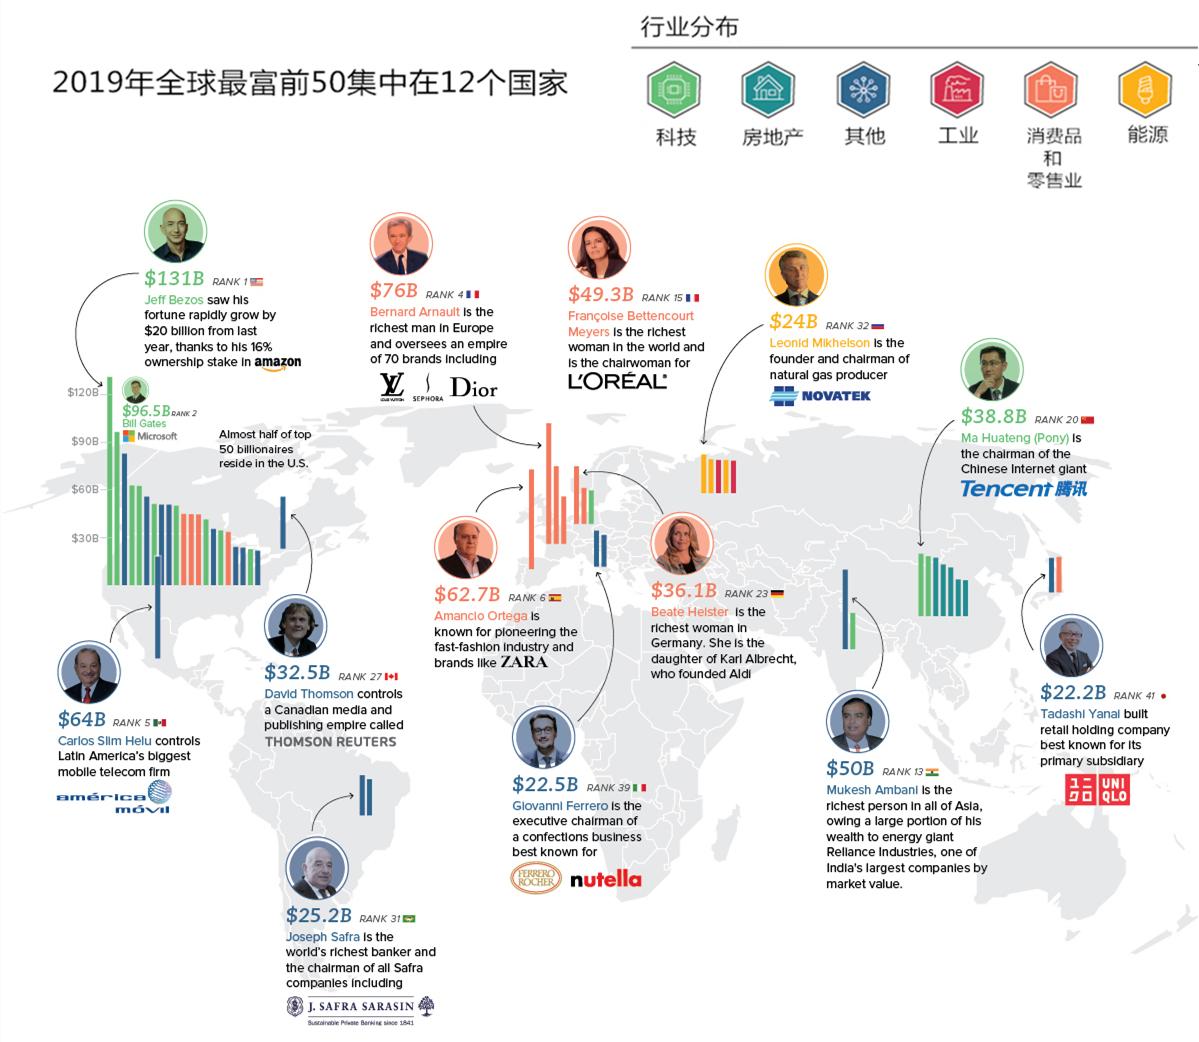 世界50位顶级富豪都来自哪里?美国最多中国7位